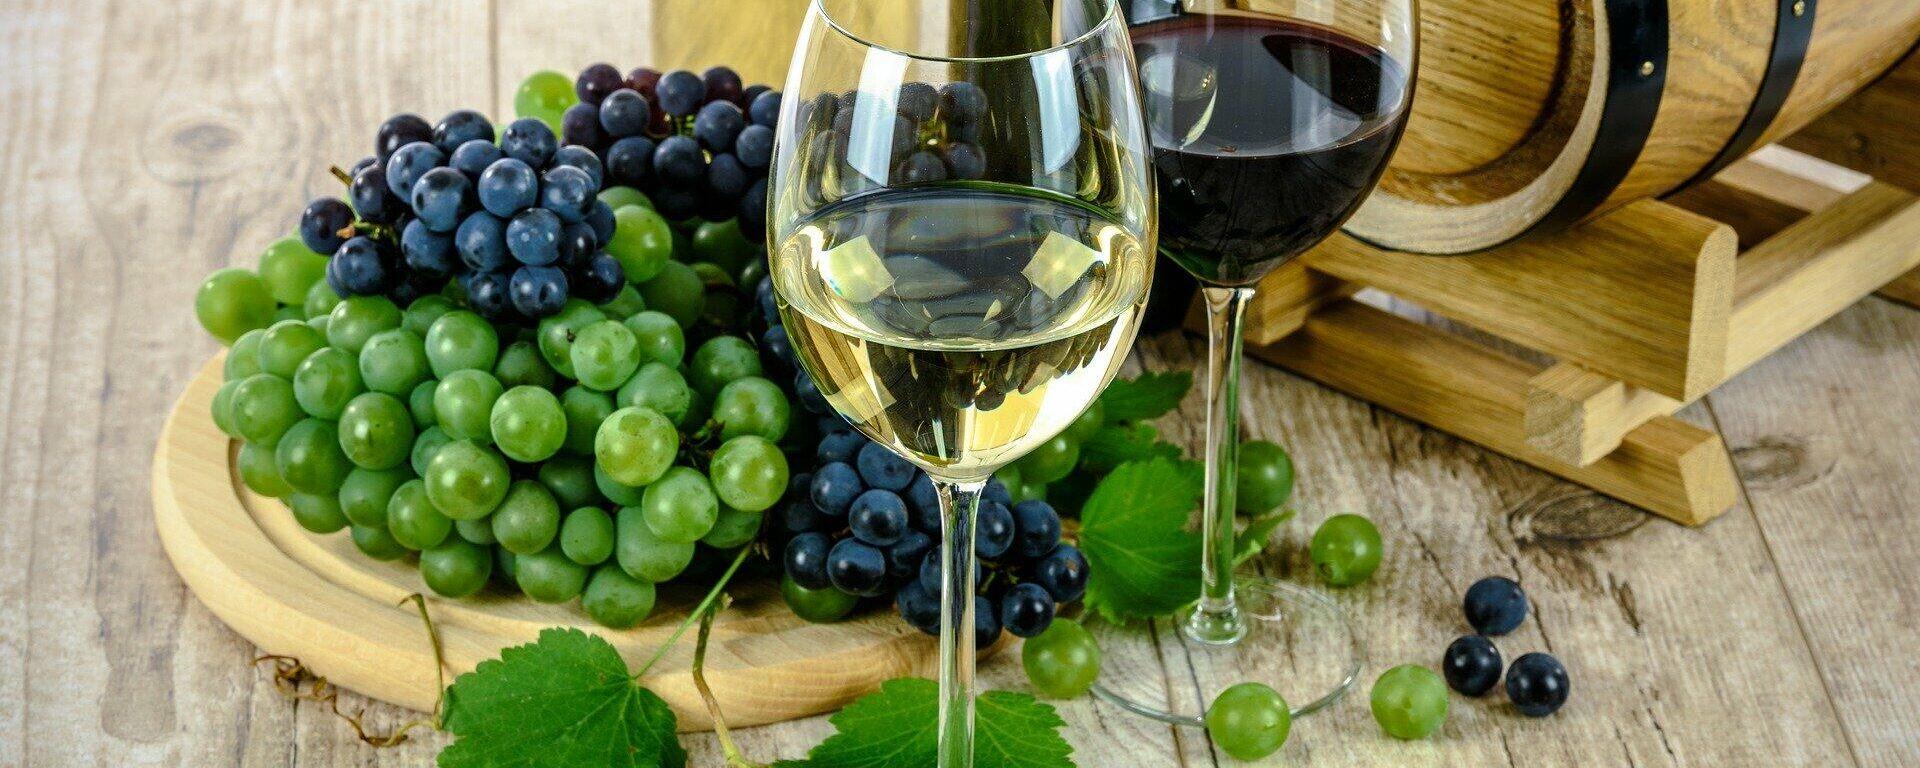 Wein (Symbolbild) - SNA, 1920, 18.05.2021